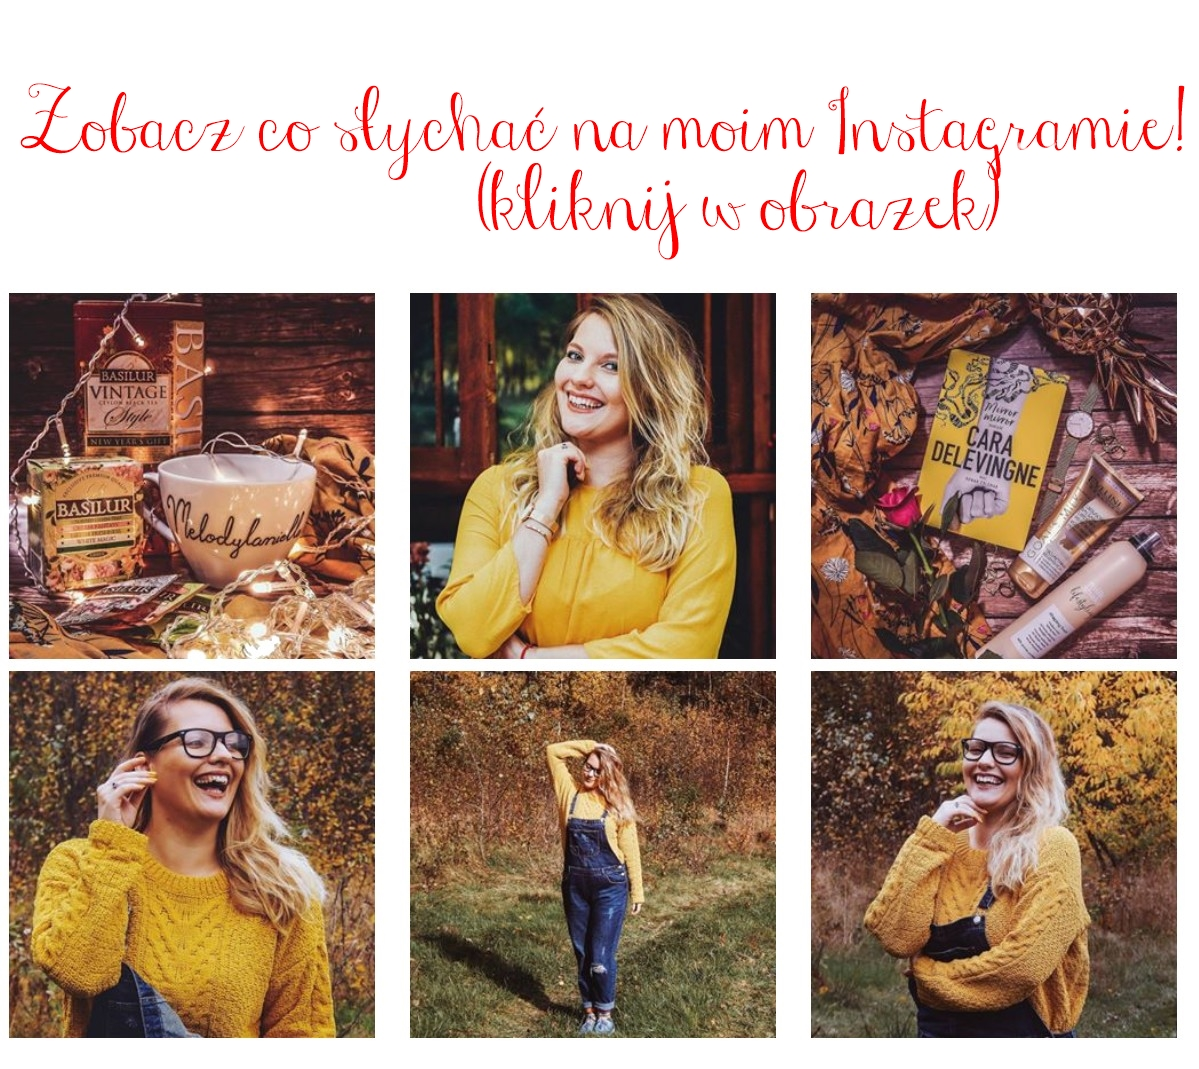 polskie blogerki lifestyle modowe blogerki instagramerki z łodzi melodylaniella ciekawe polskie konta na instagramie